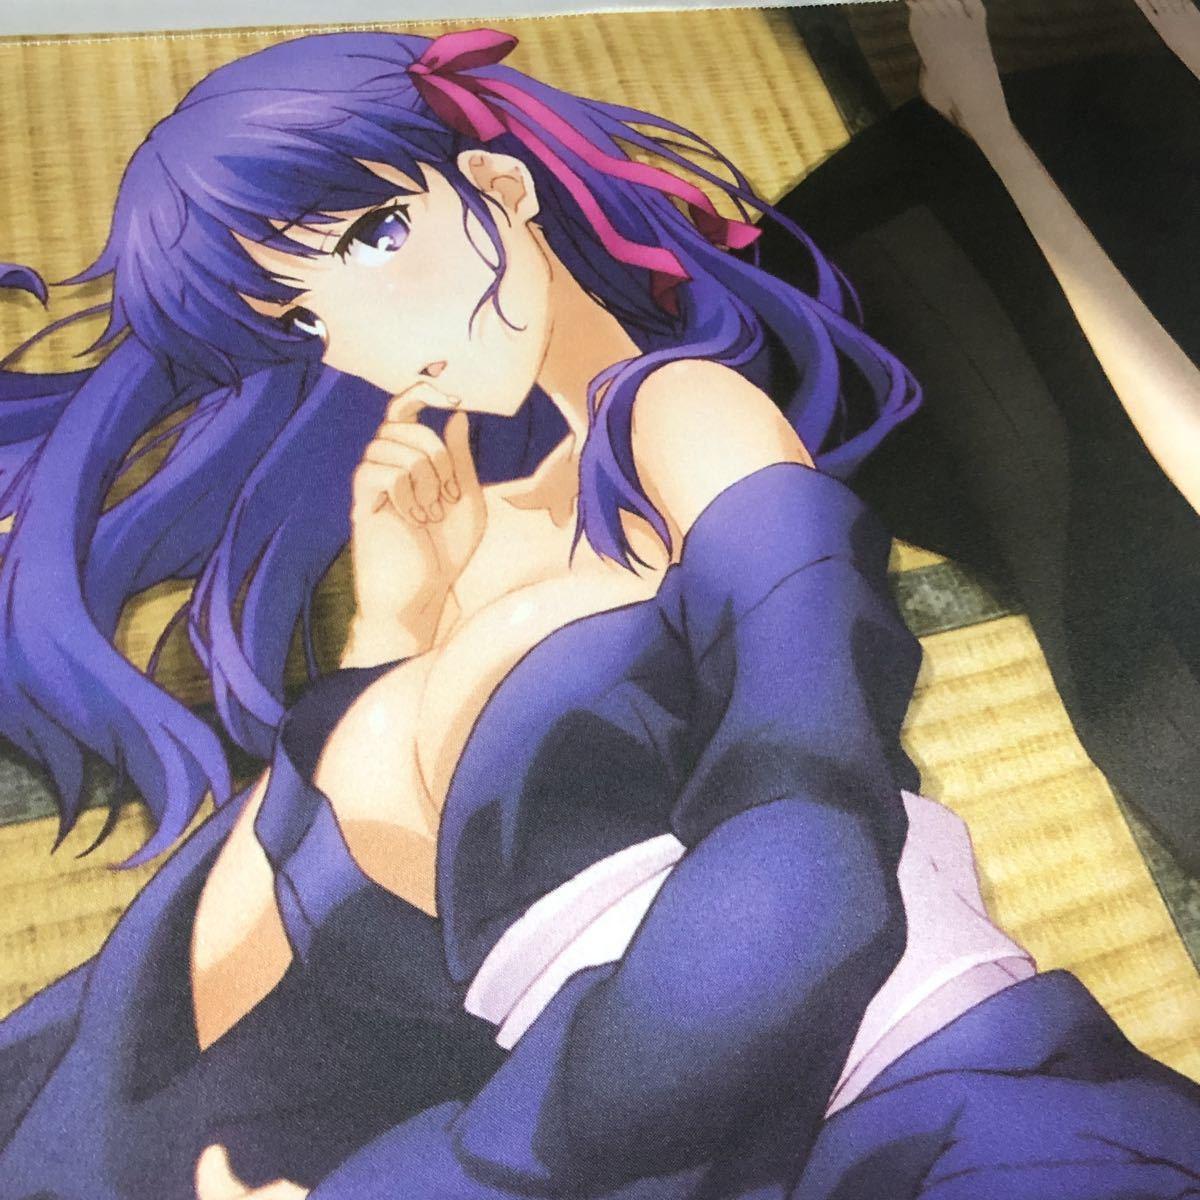 劇場版 Fate/kaleid liner プリズマ☆イリヤ 雪下の誓い 美遊&桜 B2タペストリー 非売品_画像3